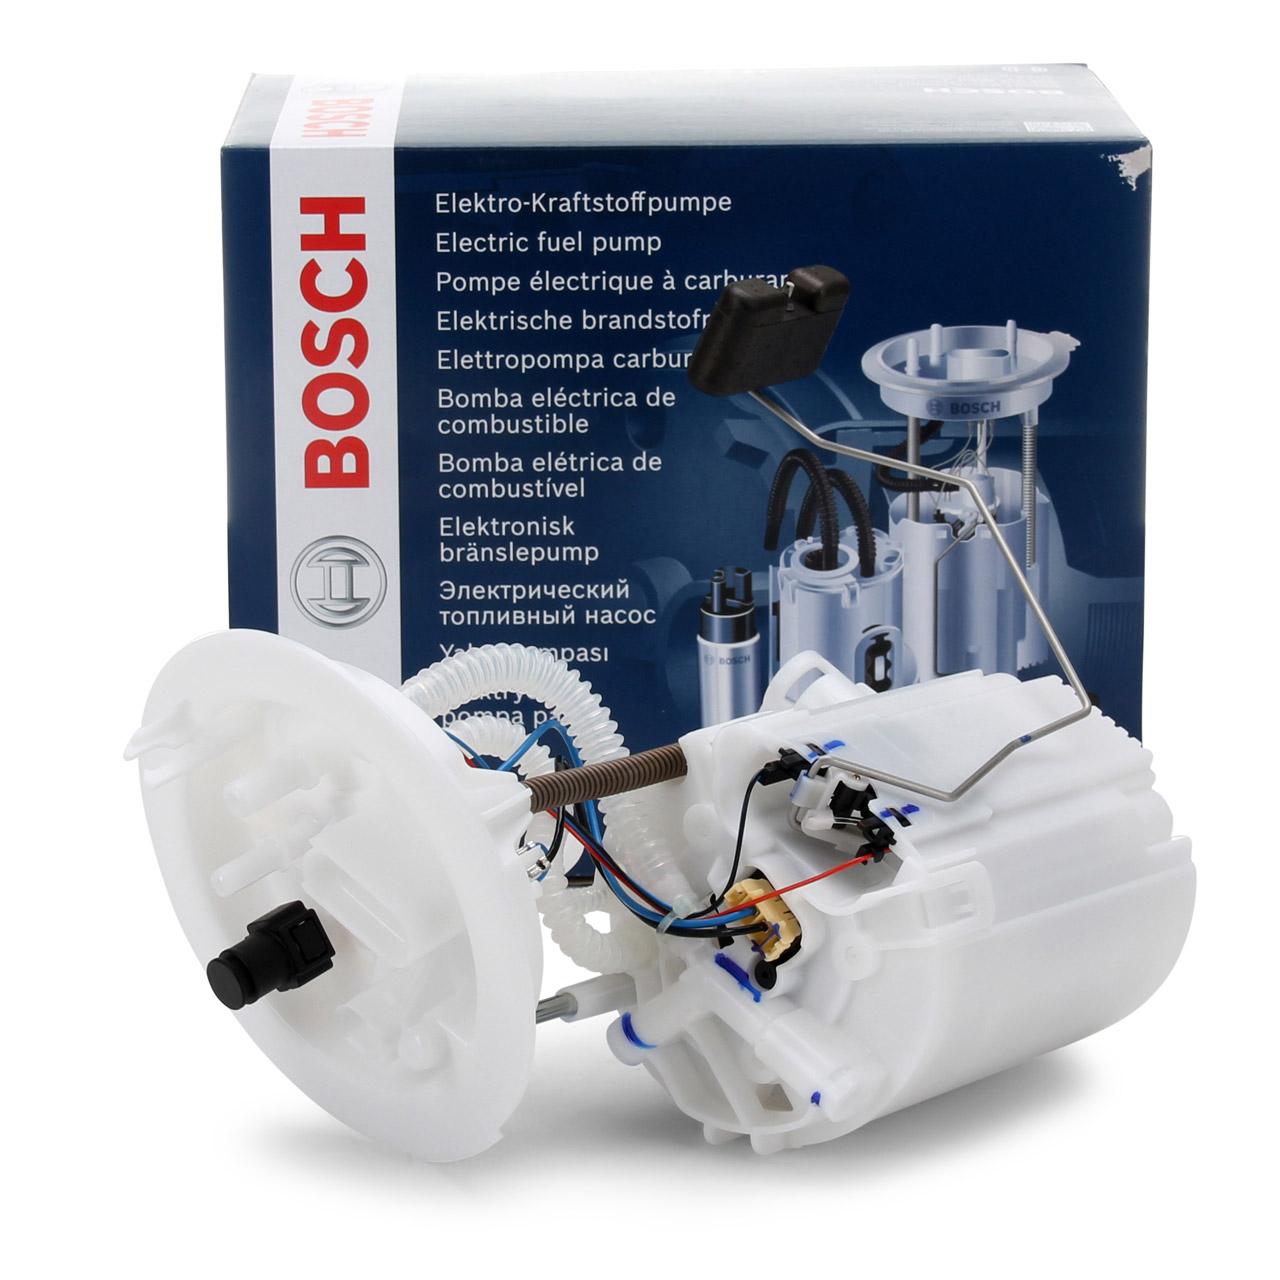 BOSCH 0580205006 Kraftstoffpumpe Diesel AUDI A4 B8 A5 8T 8F 2.0 / 2.7 / 3.0 TDI 8K0919050L